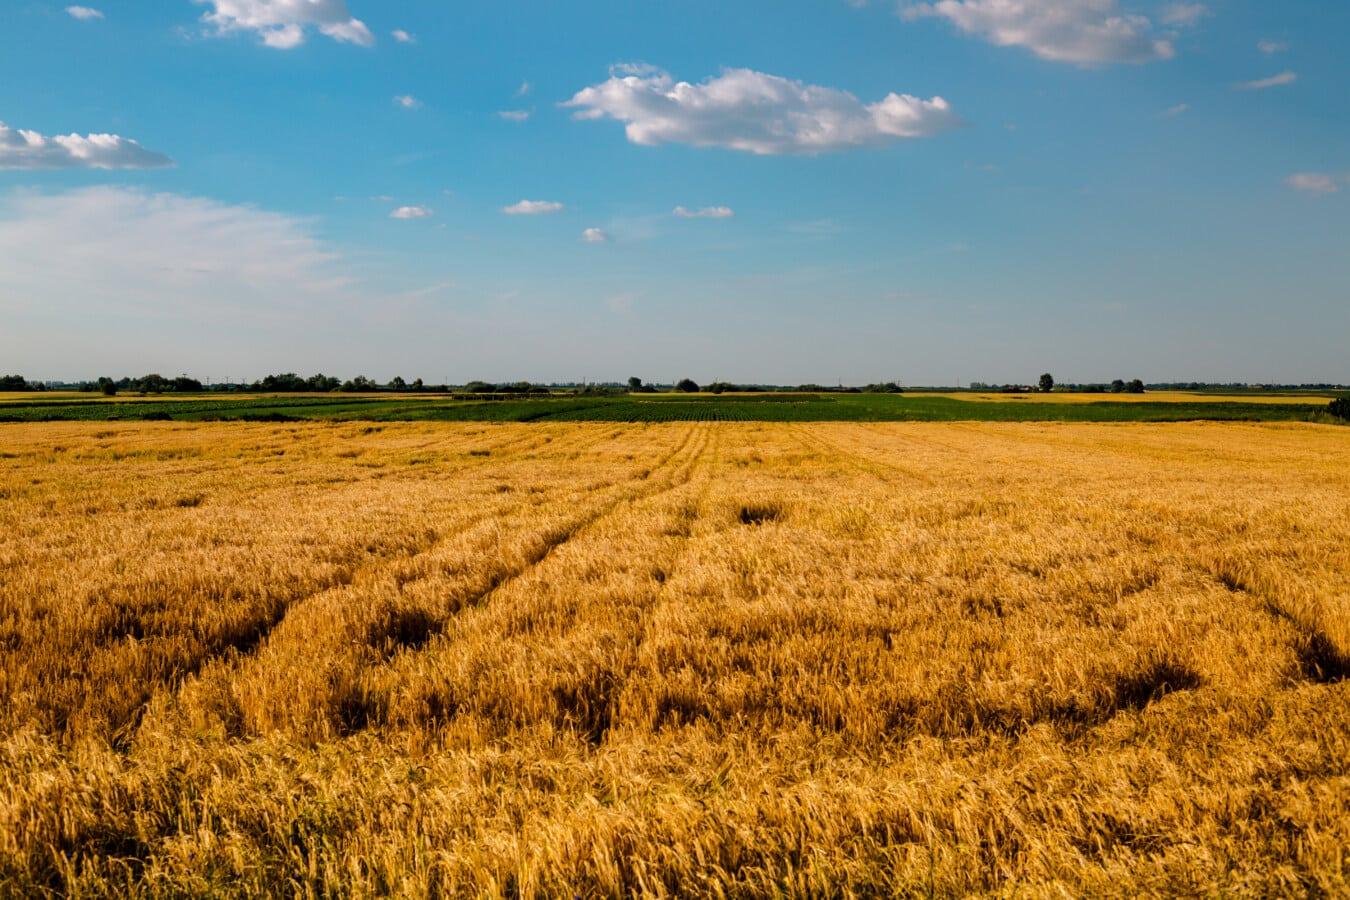 câmp, Sezonul de vară, orz, agricultura, peisaj, zona rurală, cereale, ferma, rurale, terenurilor agricole